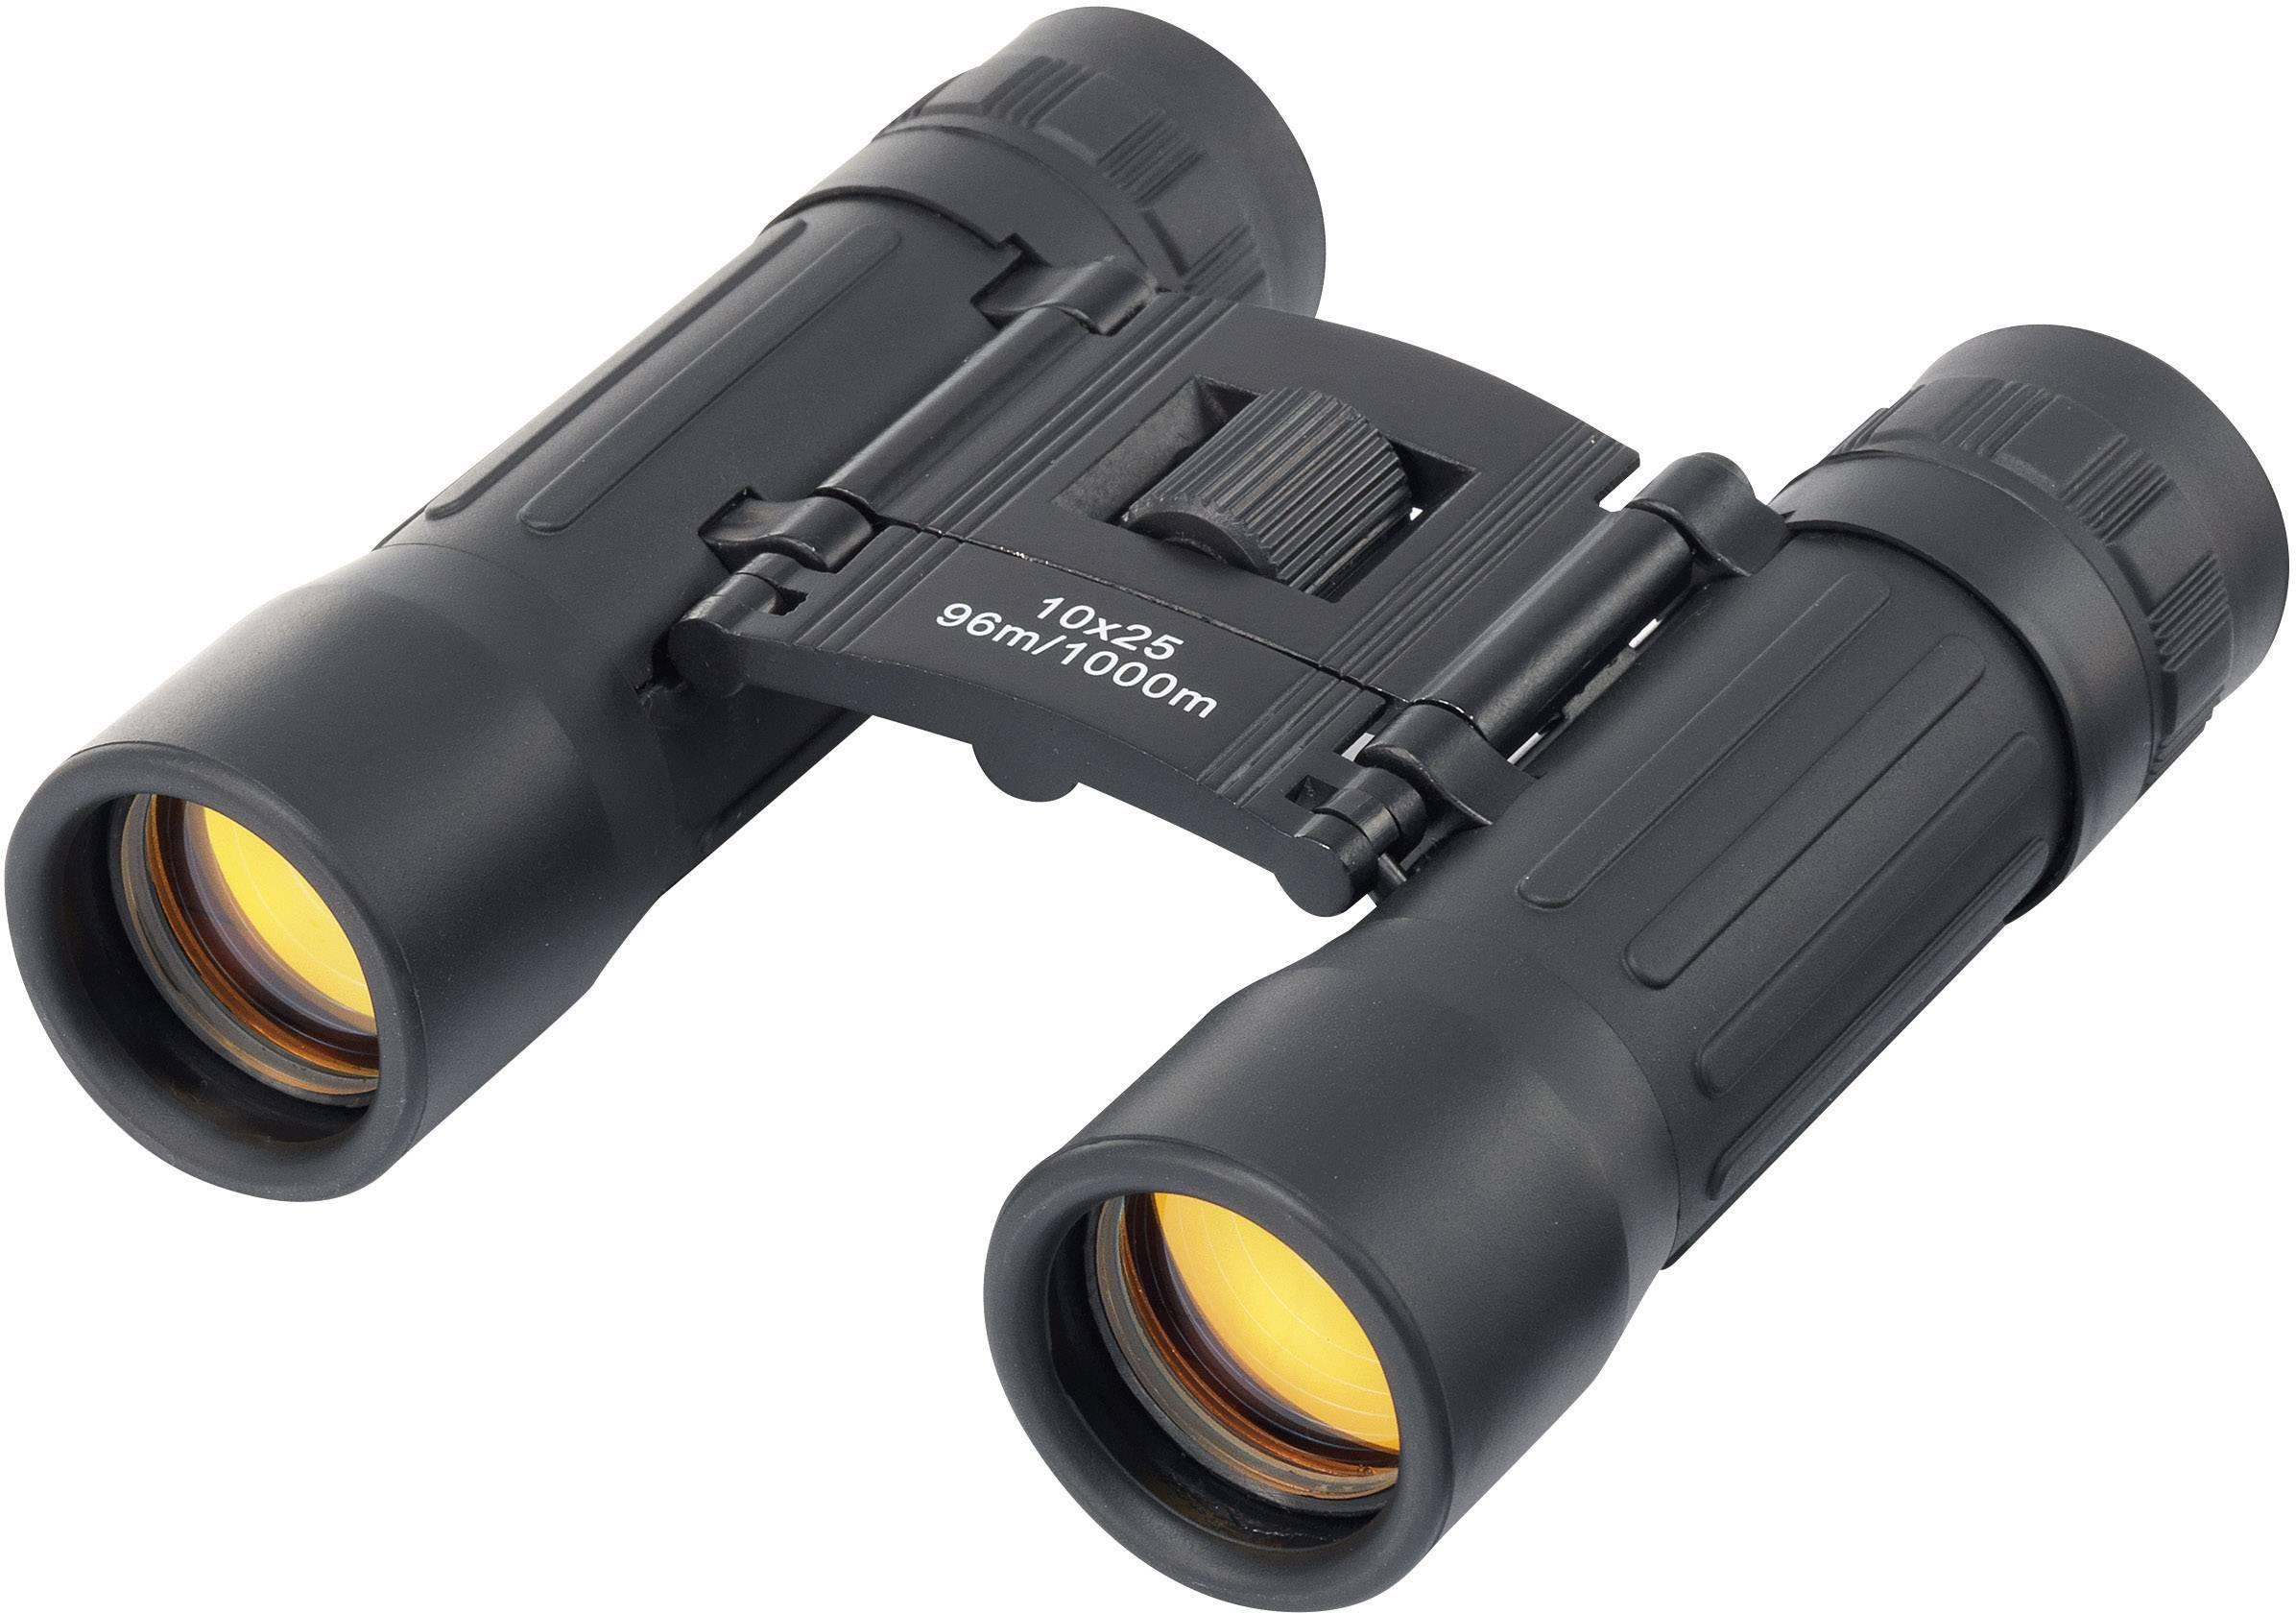 Fernglas renkforce binocular mm schwarz kaufen